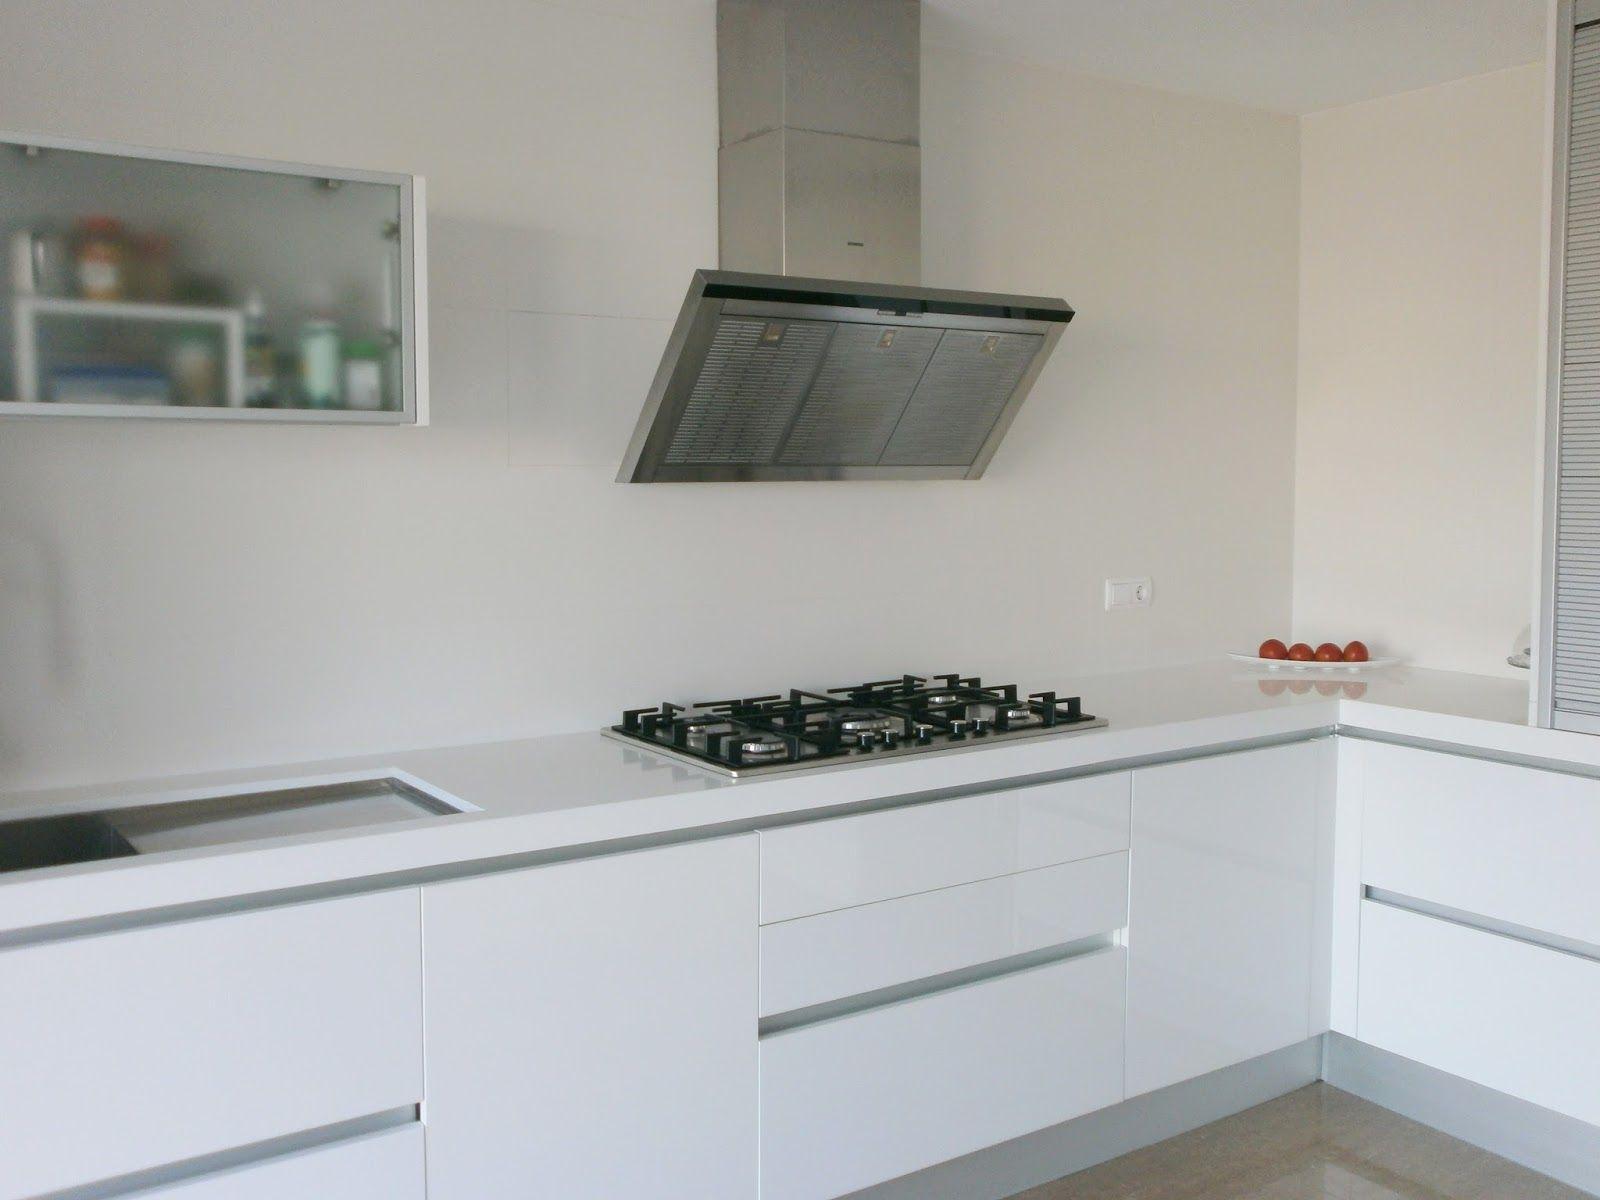 Resultado de imagen de cocina blanca con encimera blanca - Encimeras cocinas blancas ...